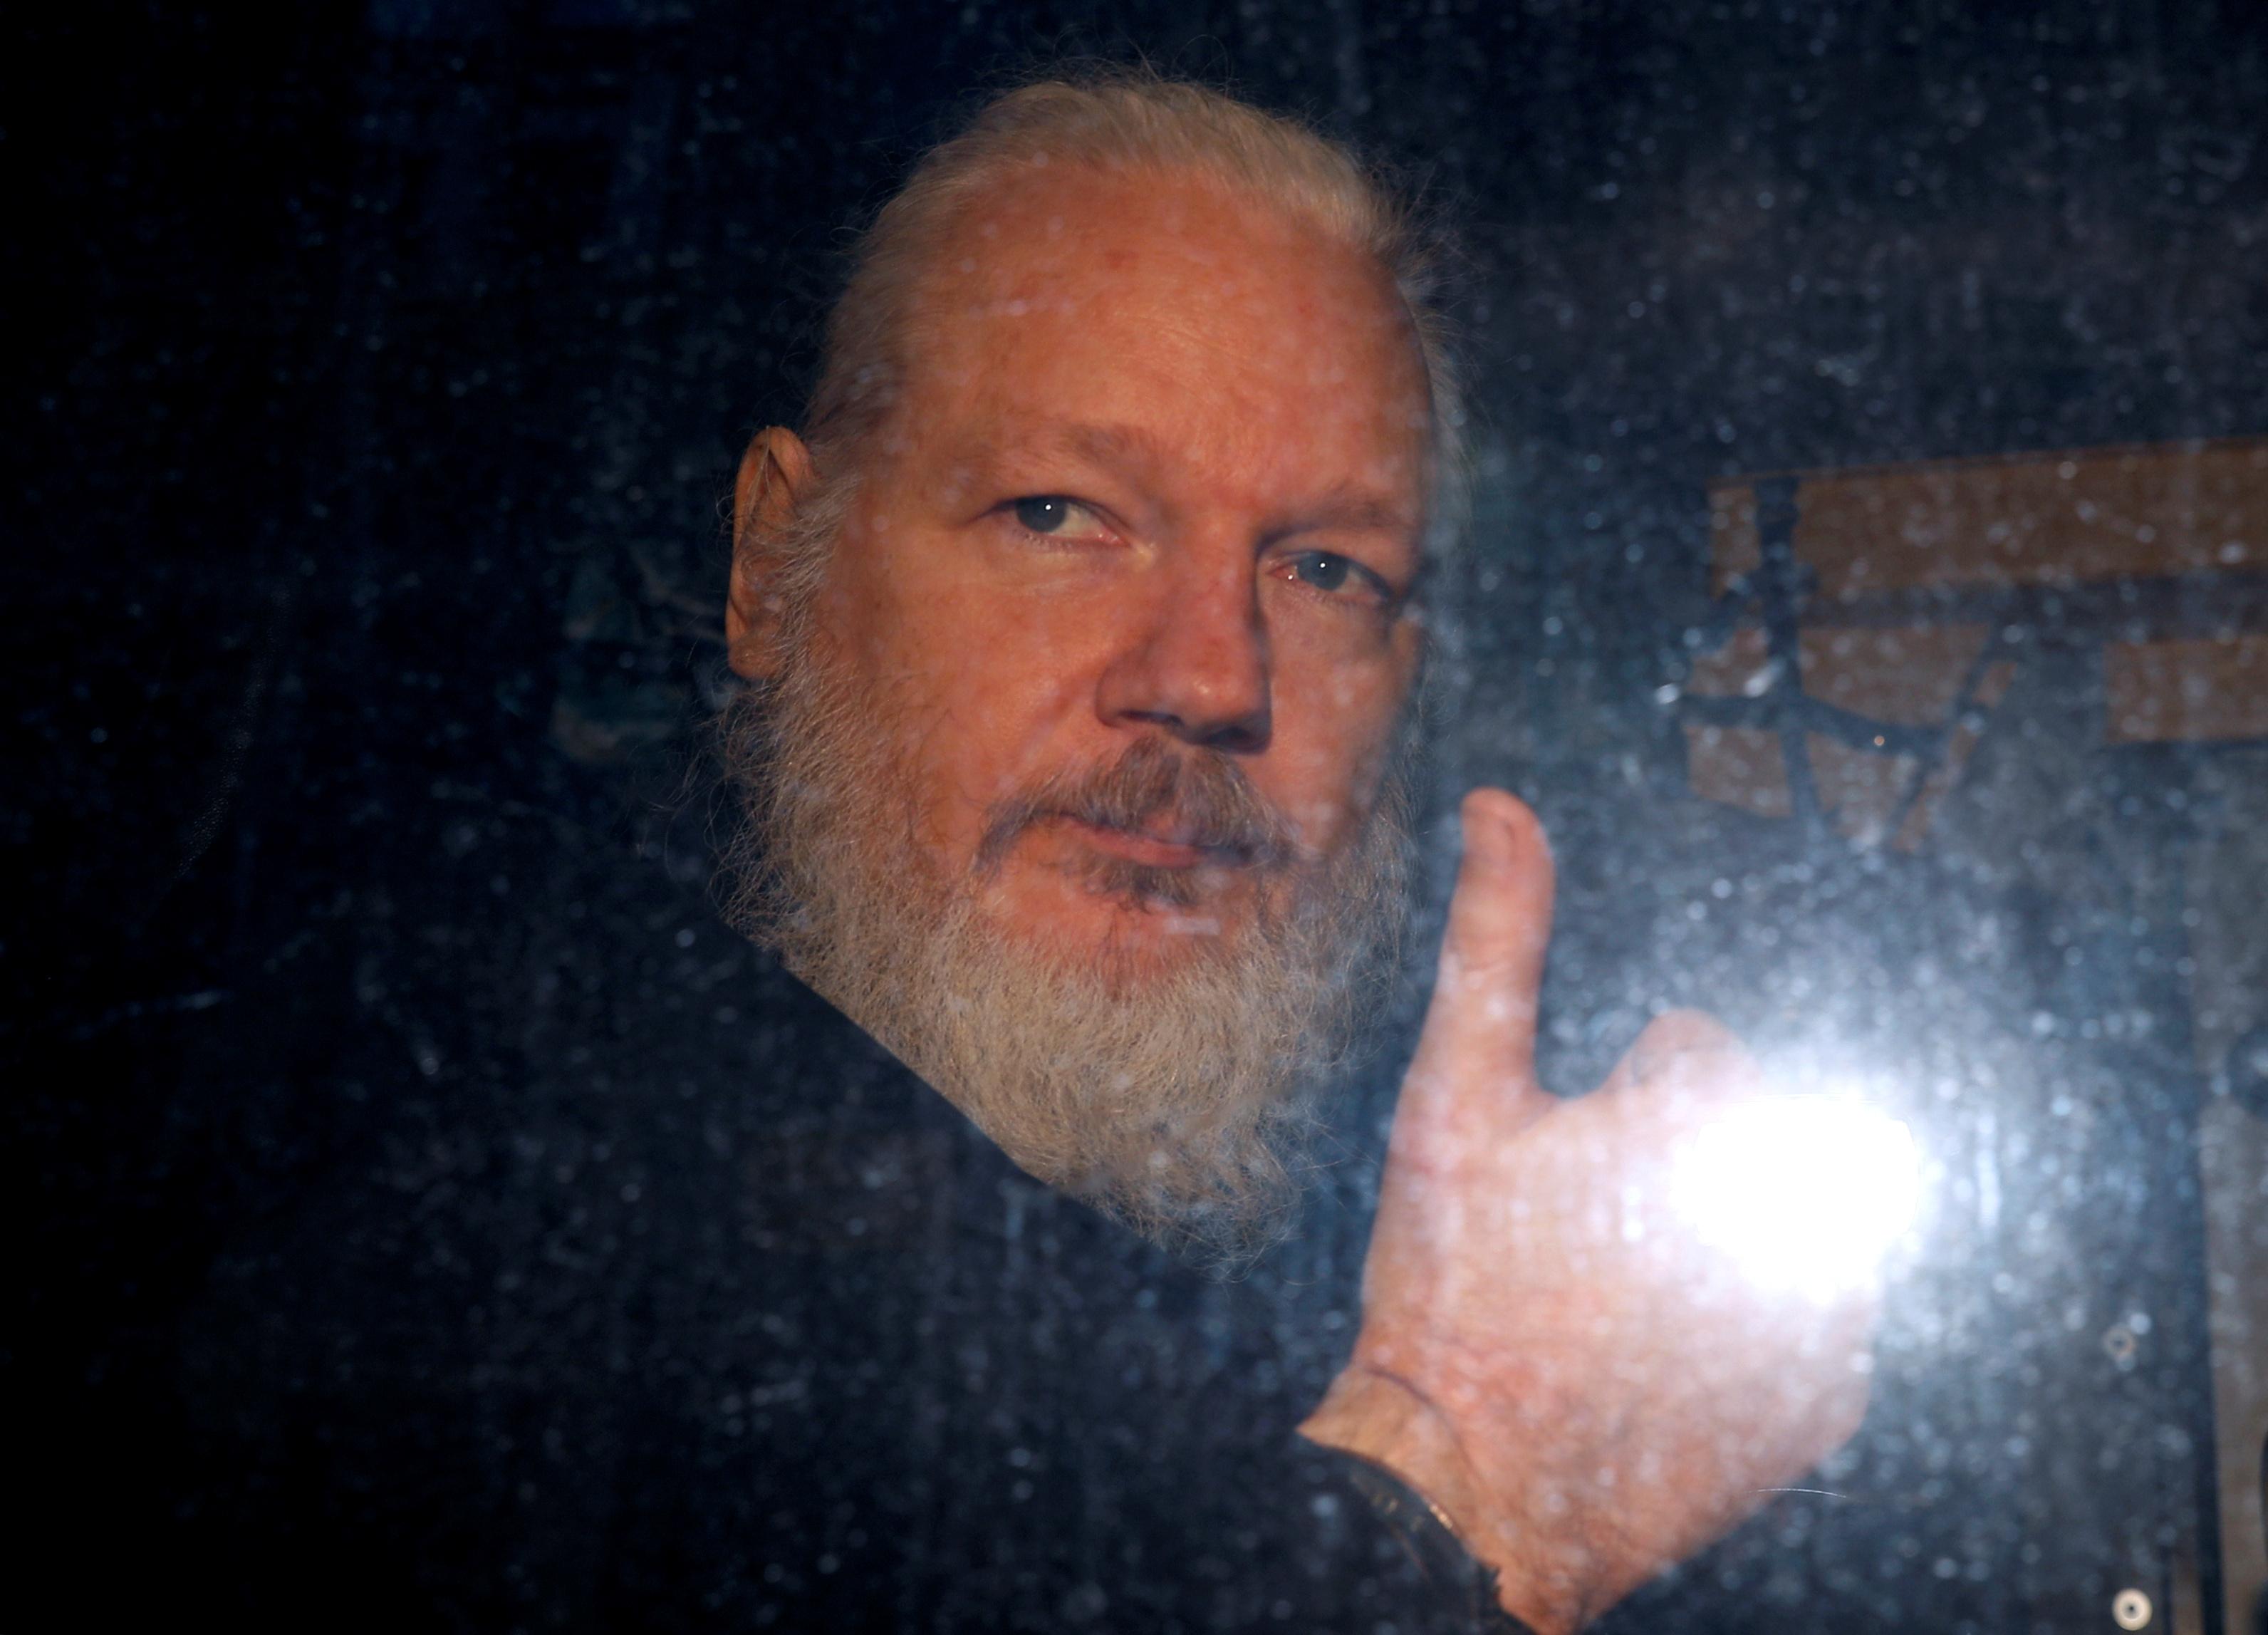 اعتقال جوليان أسانج من داخل سفارة الإكوادور بلندن (6)